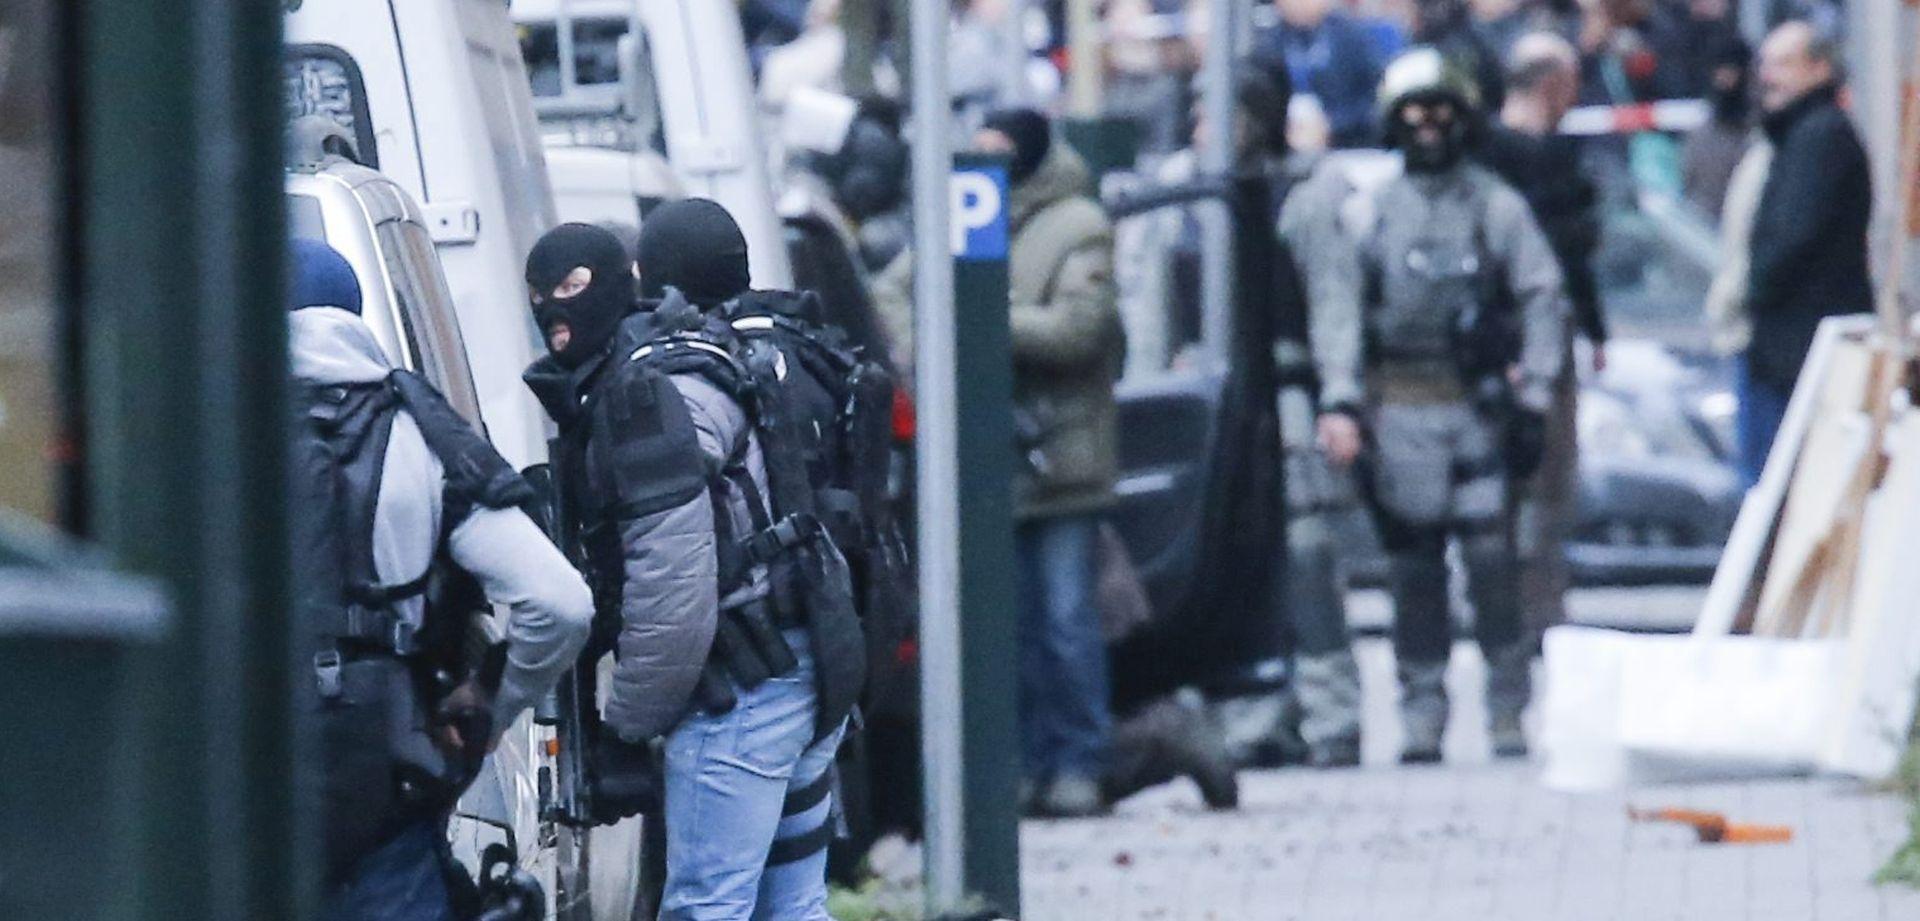 SAD upozorio svoje građane na opasnost od terorizma u Europi tijekom blagdana